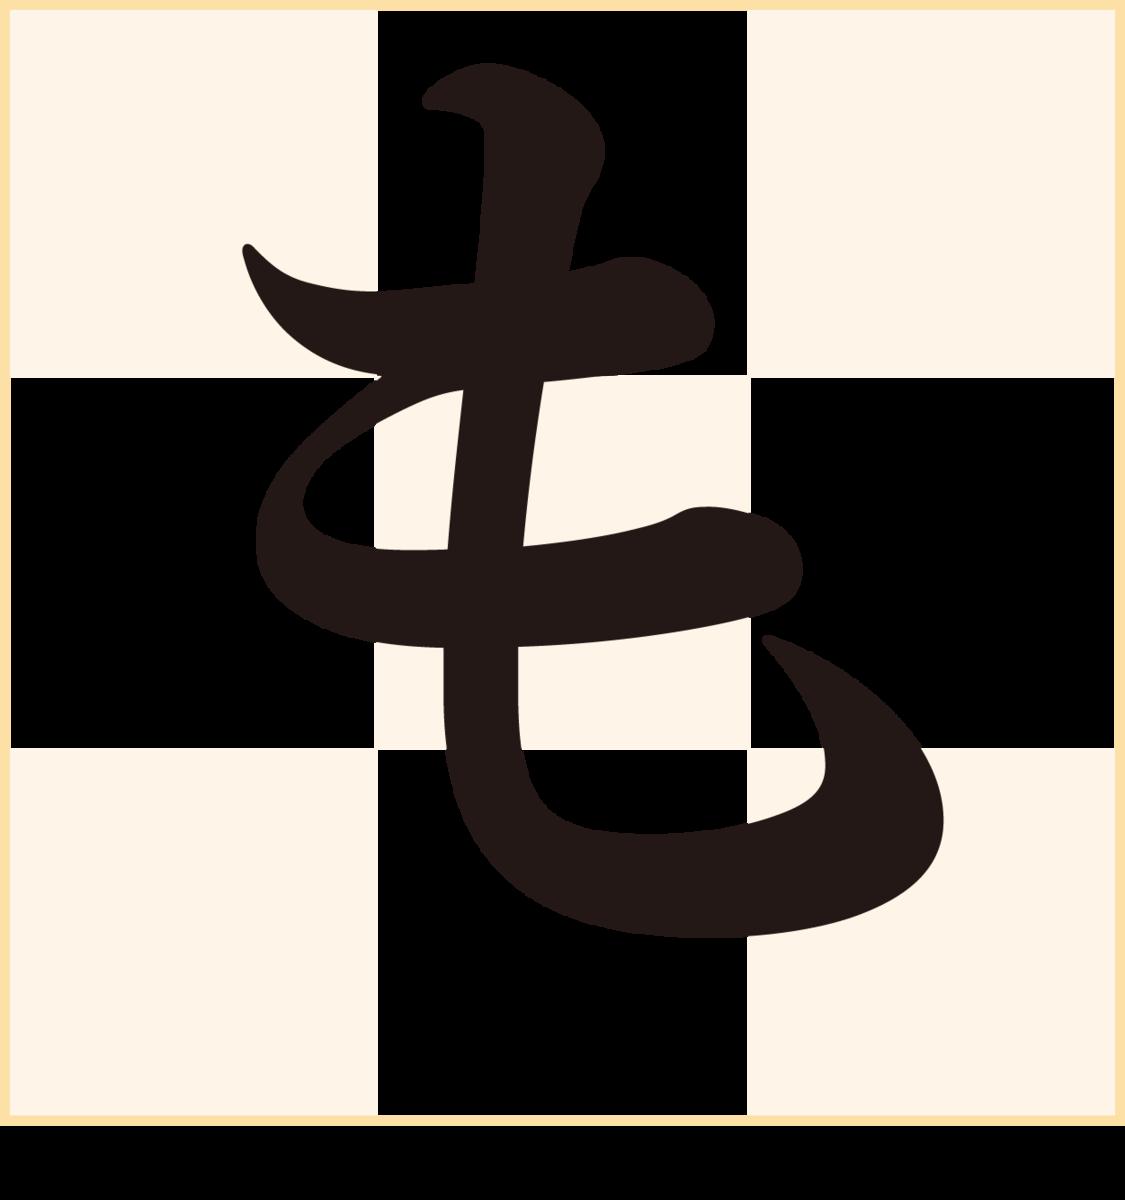 f:id:mojiru:20190410102206p:plain